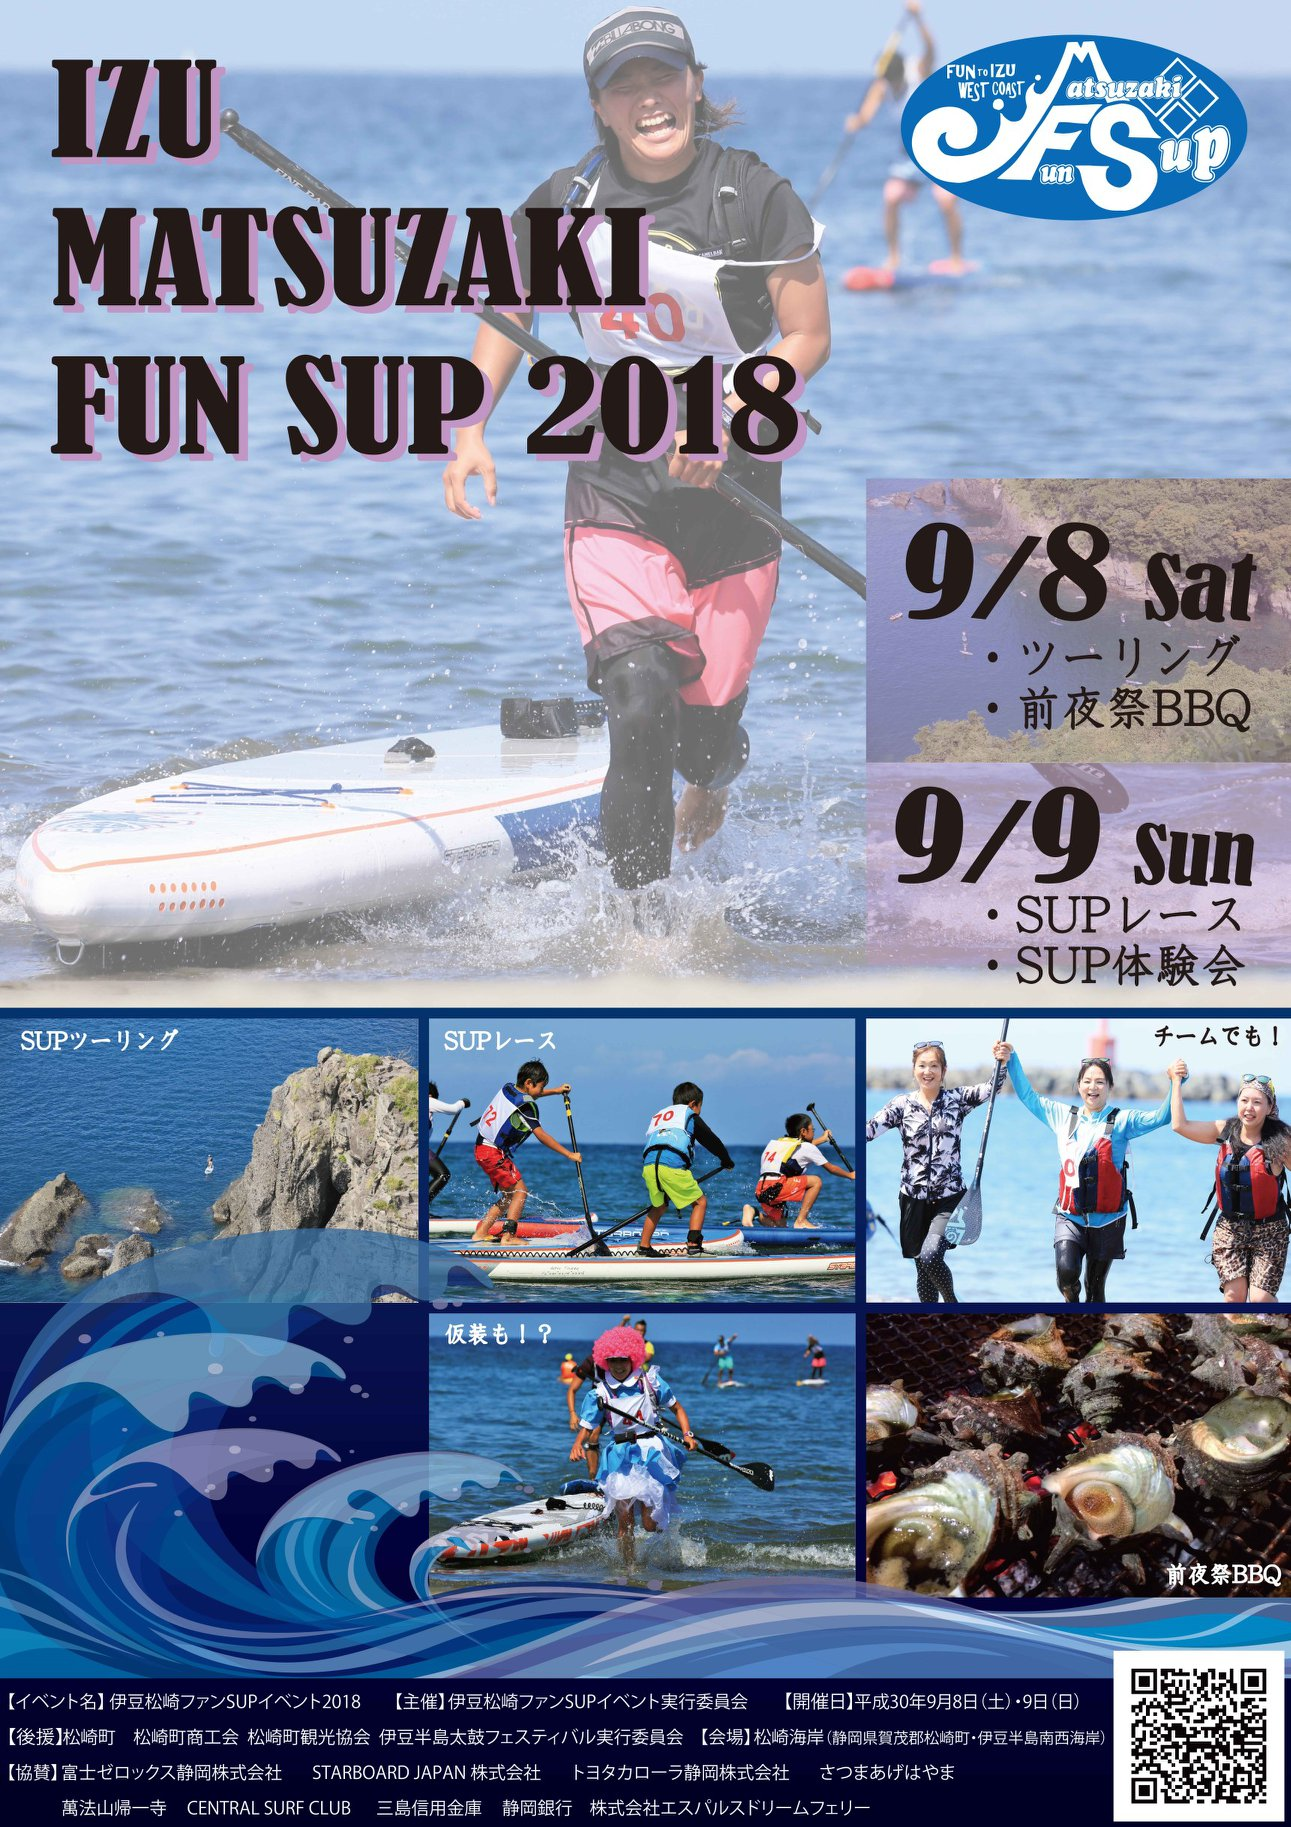 【伊豆松崎ファンSUPイベント2018】9月8、9日に開催されます!